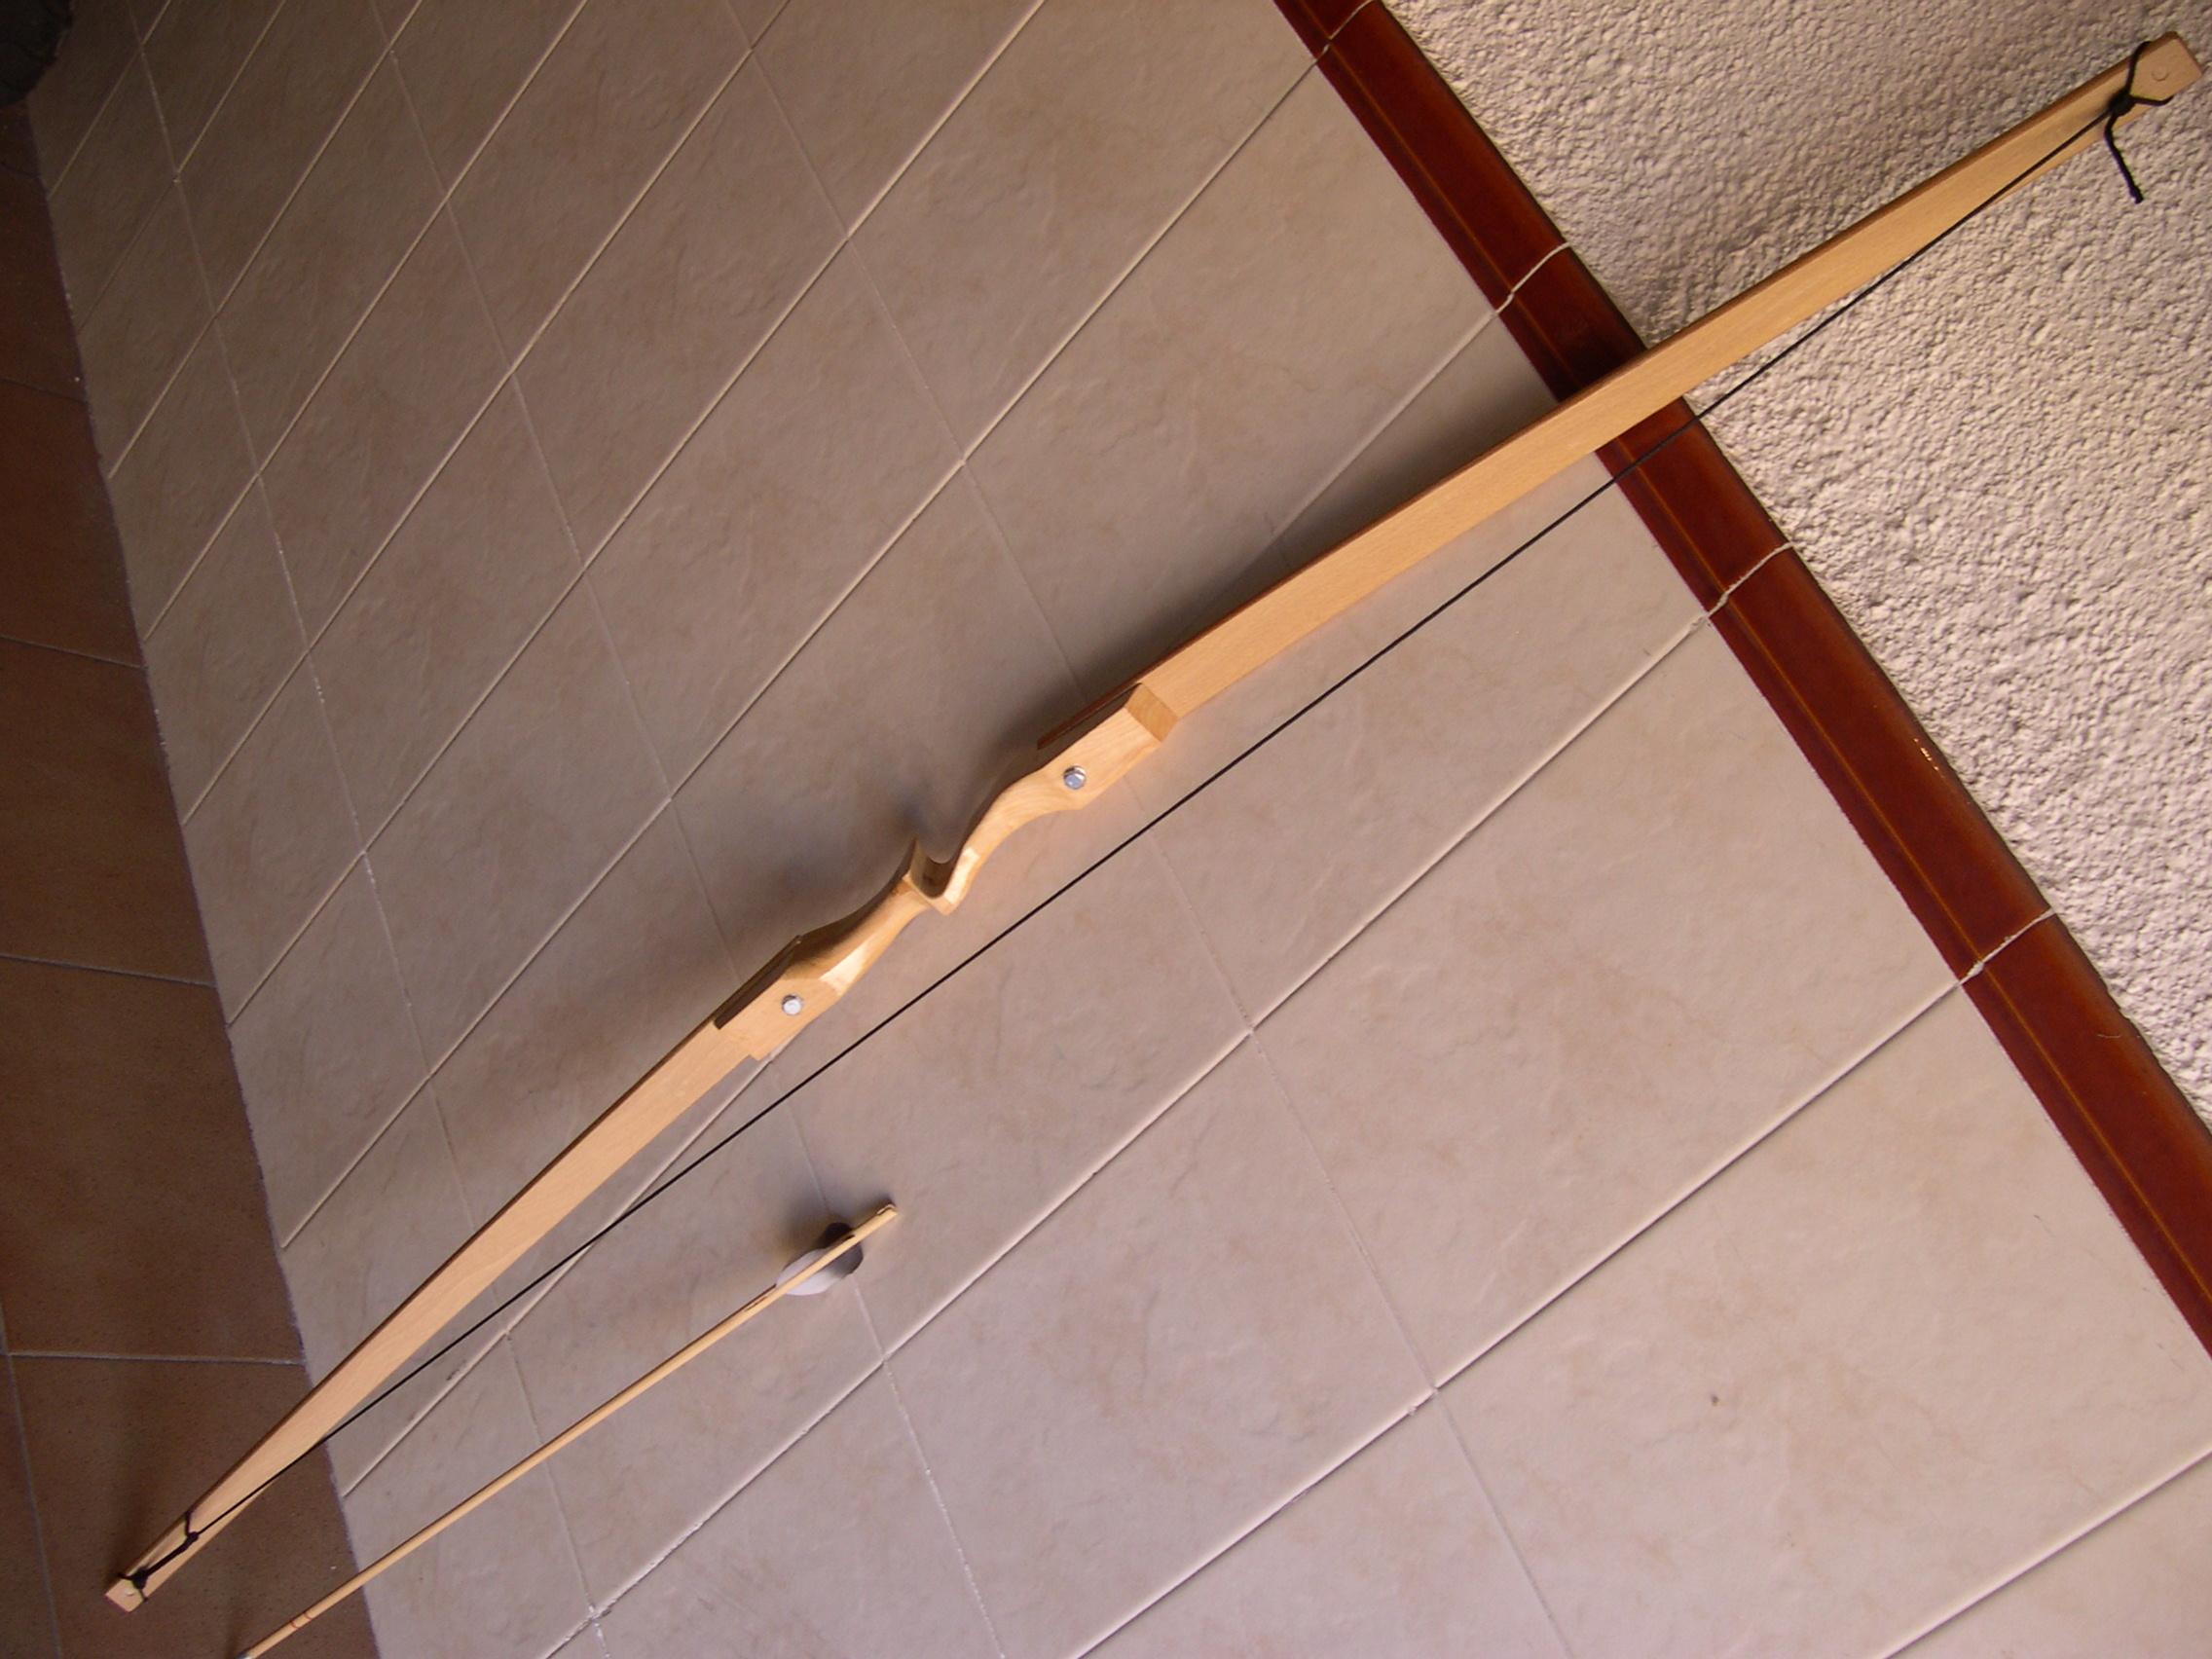 Arco casero con palas de somier - Maderas para arcos ...